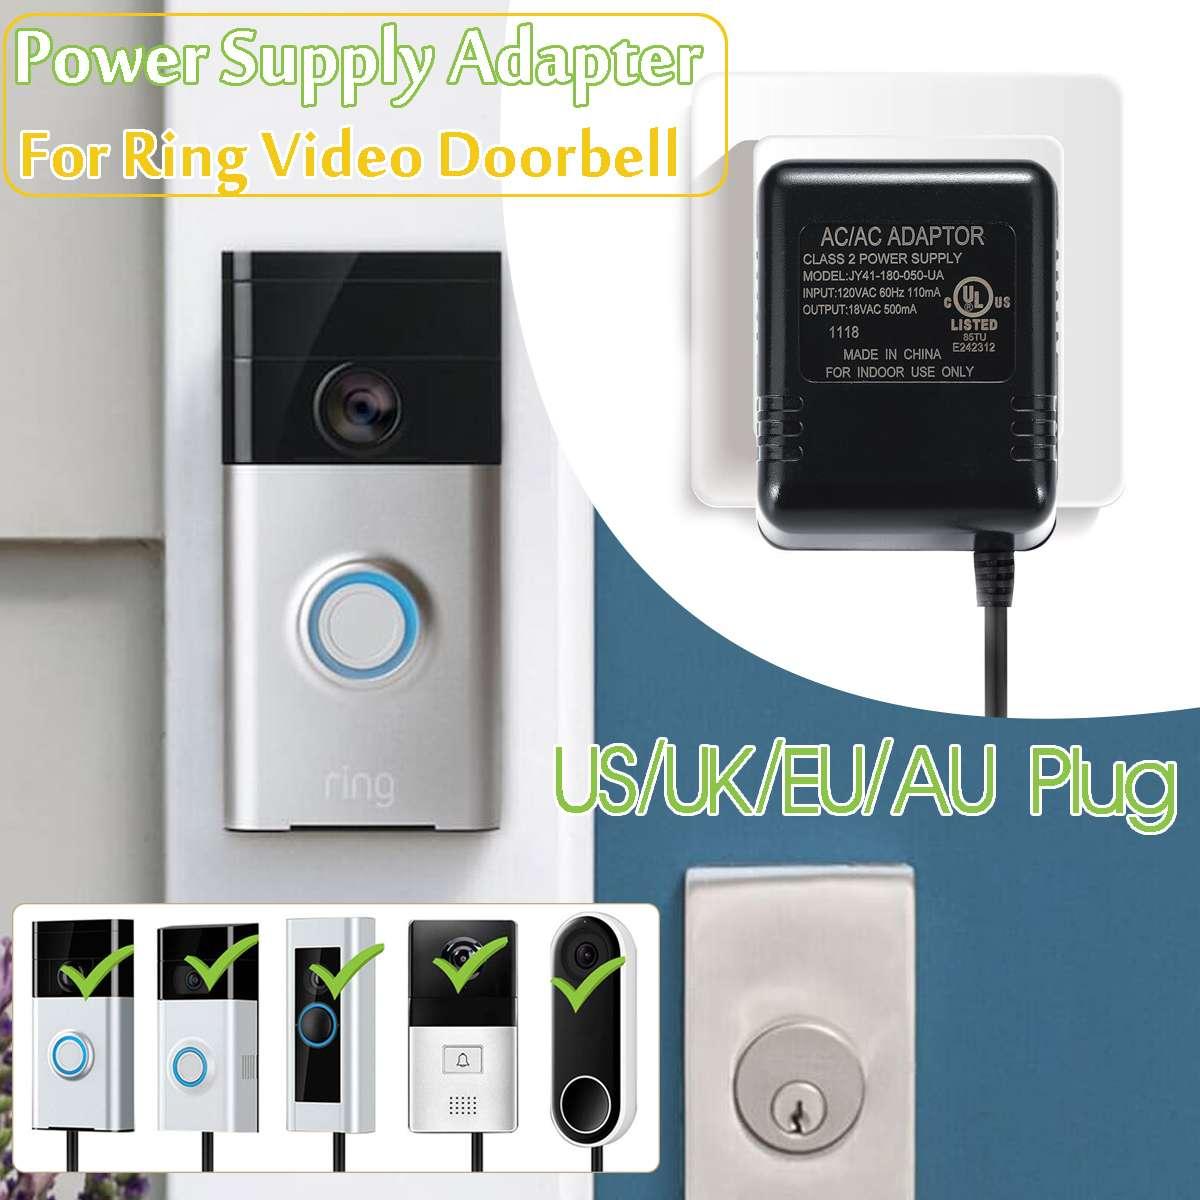 US/UK/EU/AU 8M Wifi Doorbell Camera  Adapter For IP Video Intercom Ring Wireless Doorbell 110V-240V AC 18V Transformer